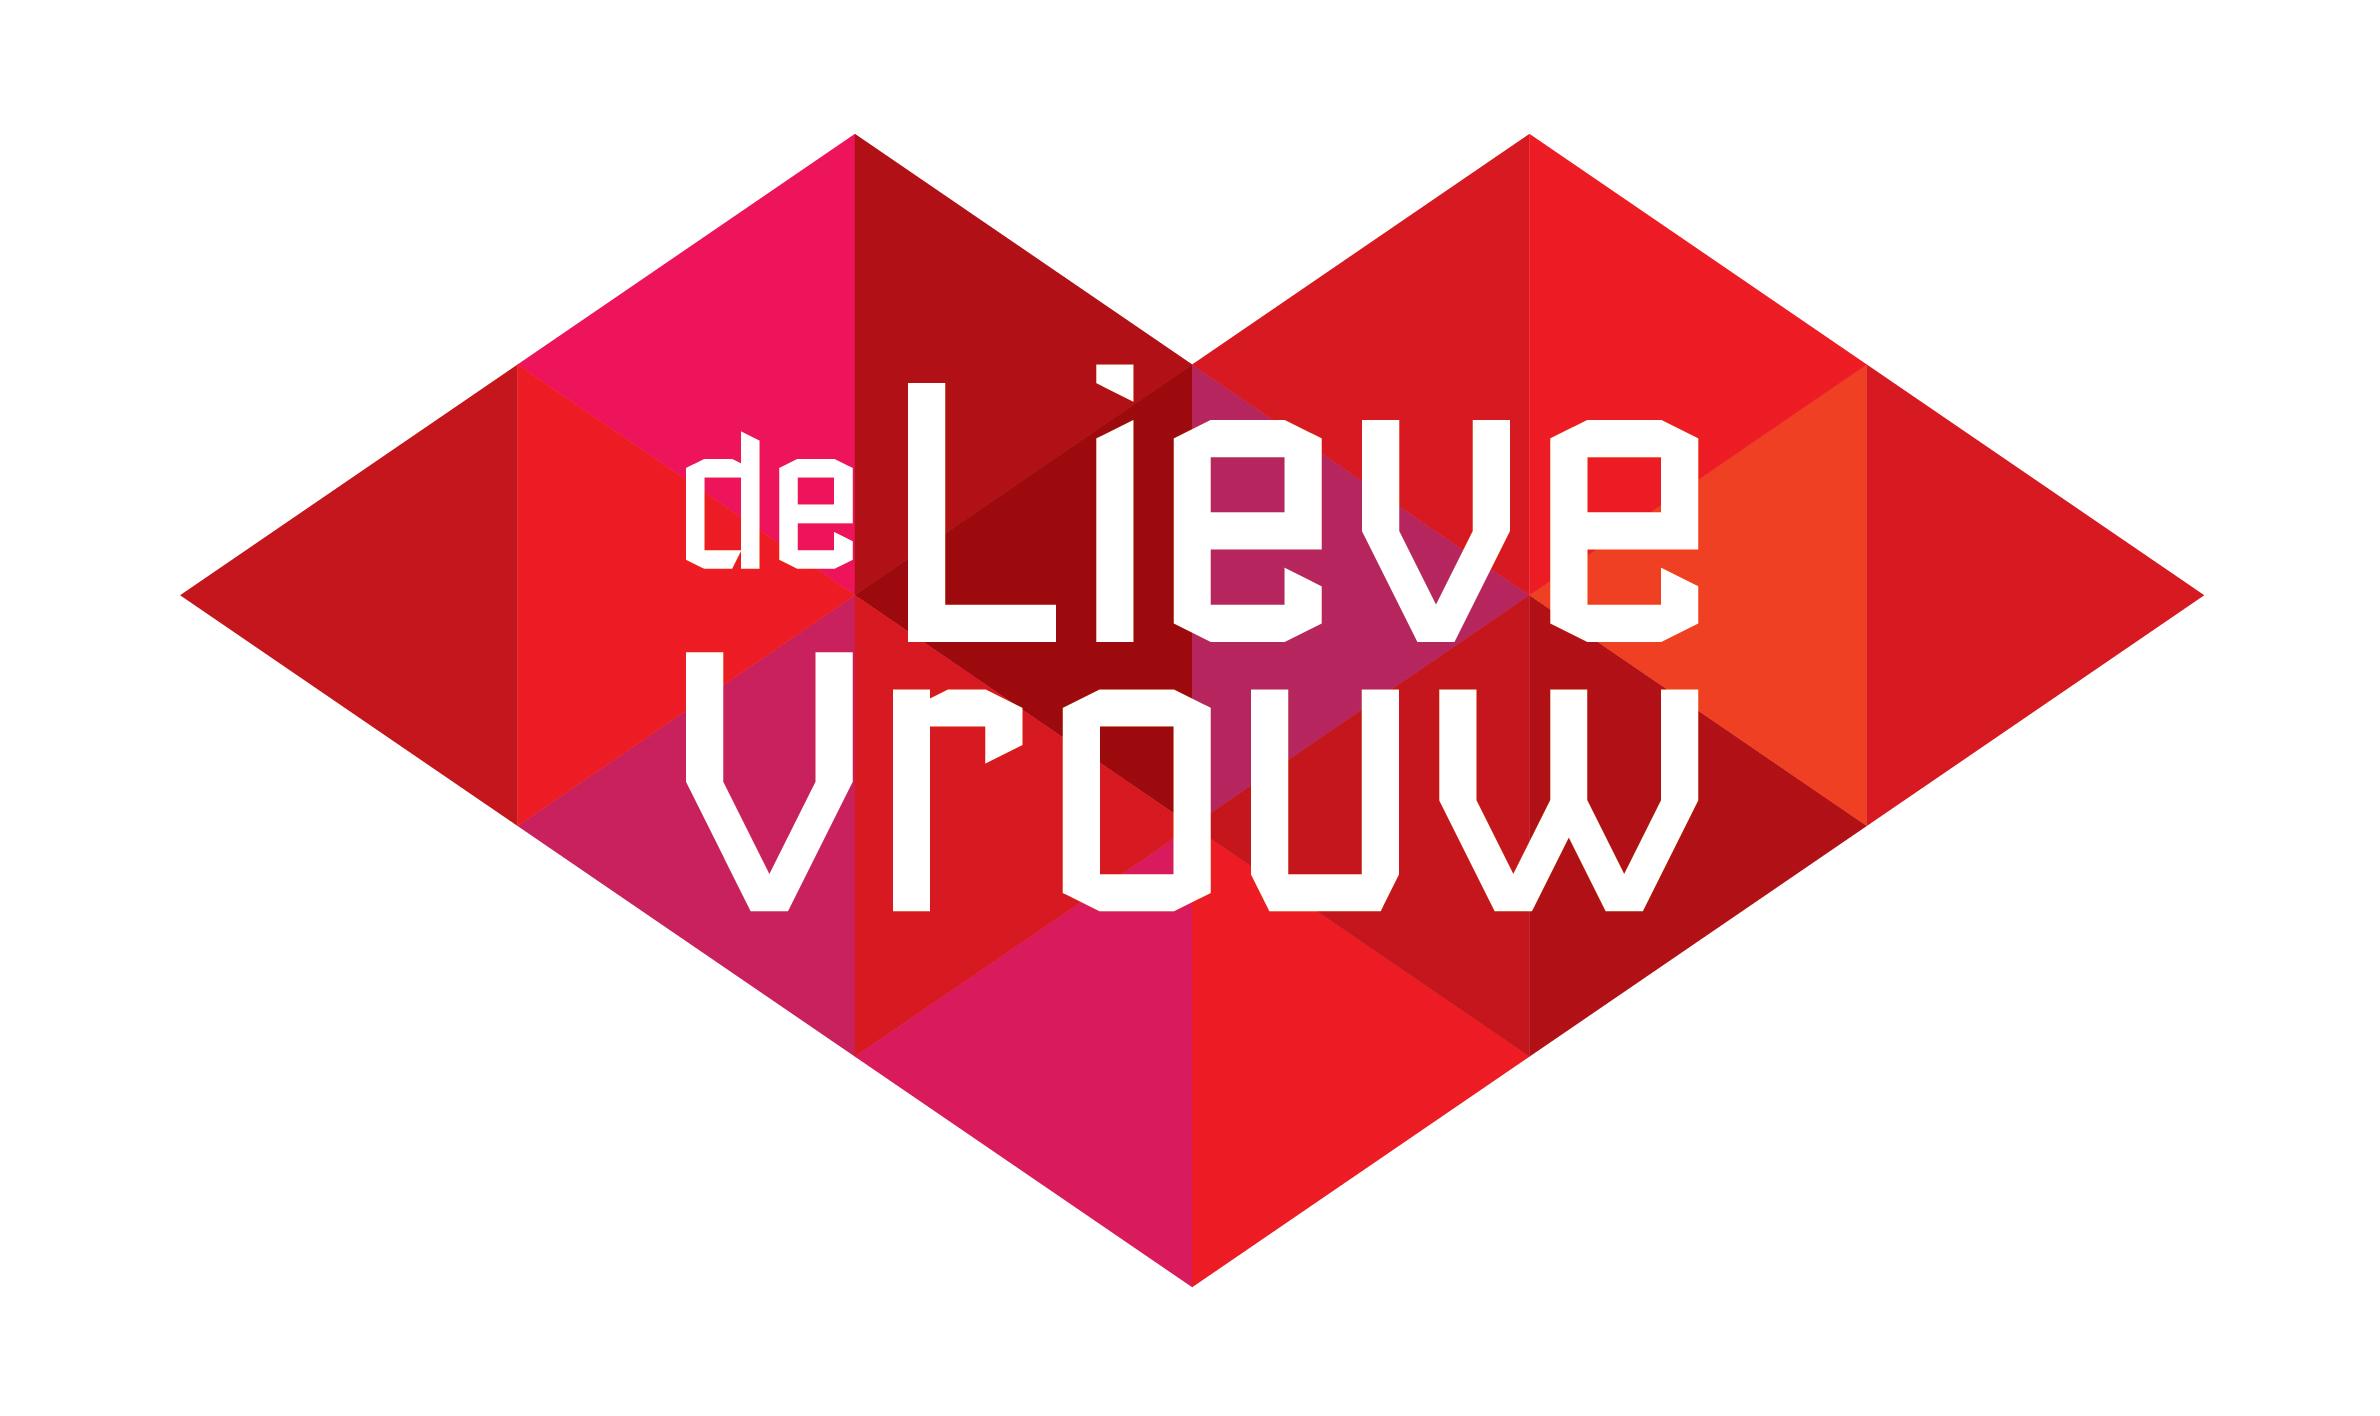 DeLieveVrouw